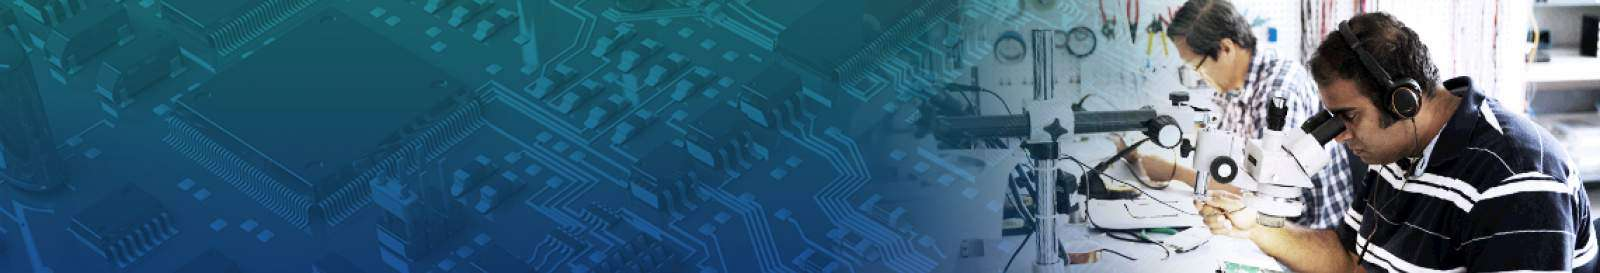 FPGA-design